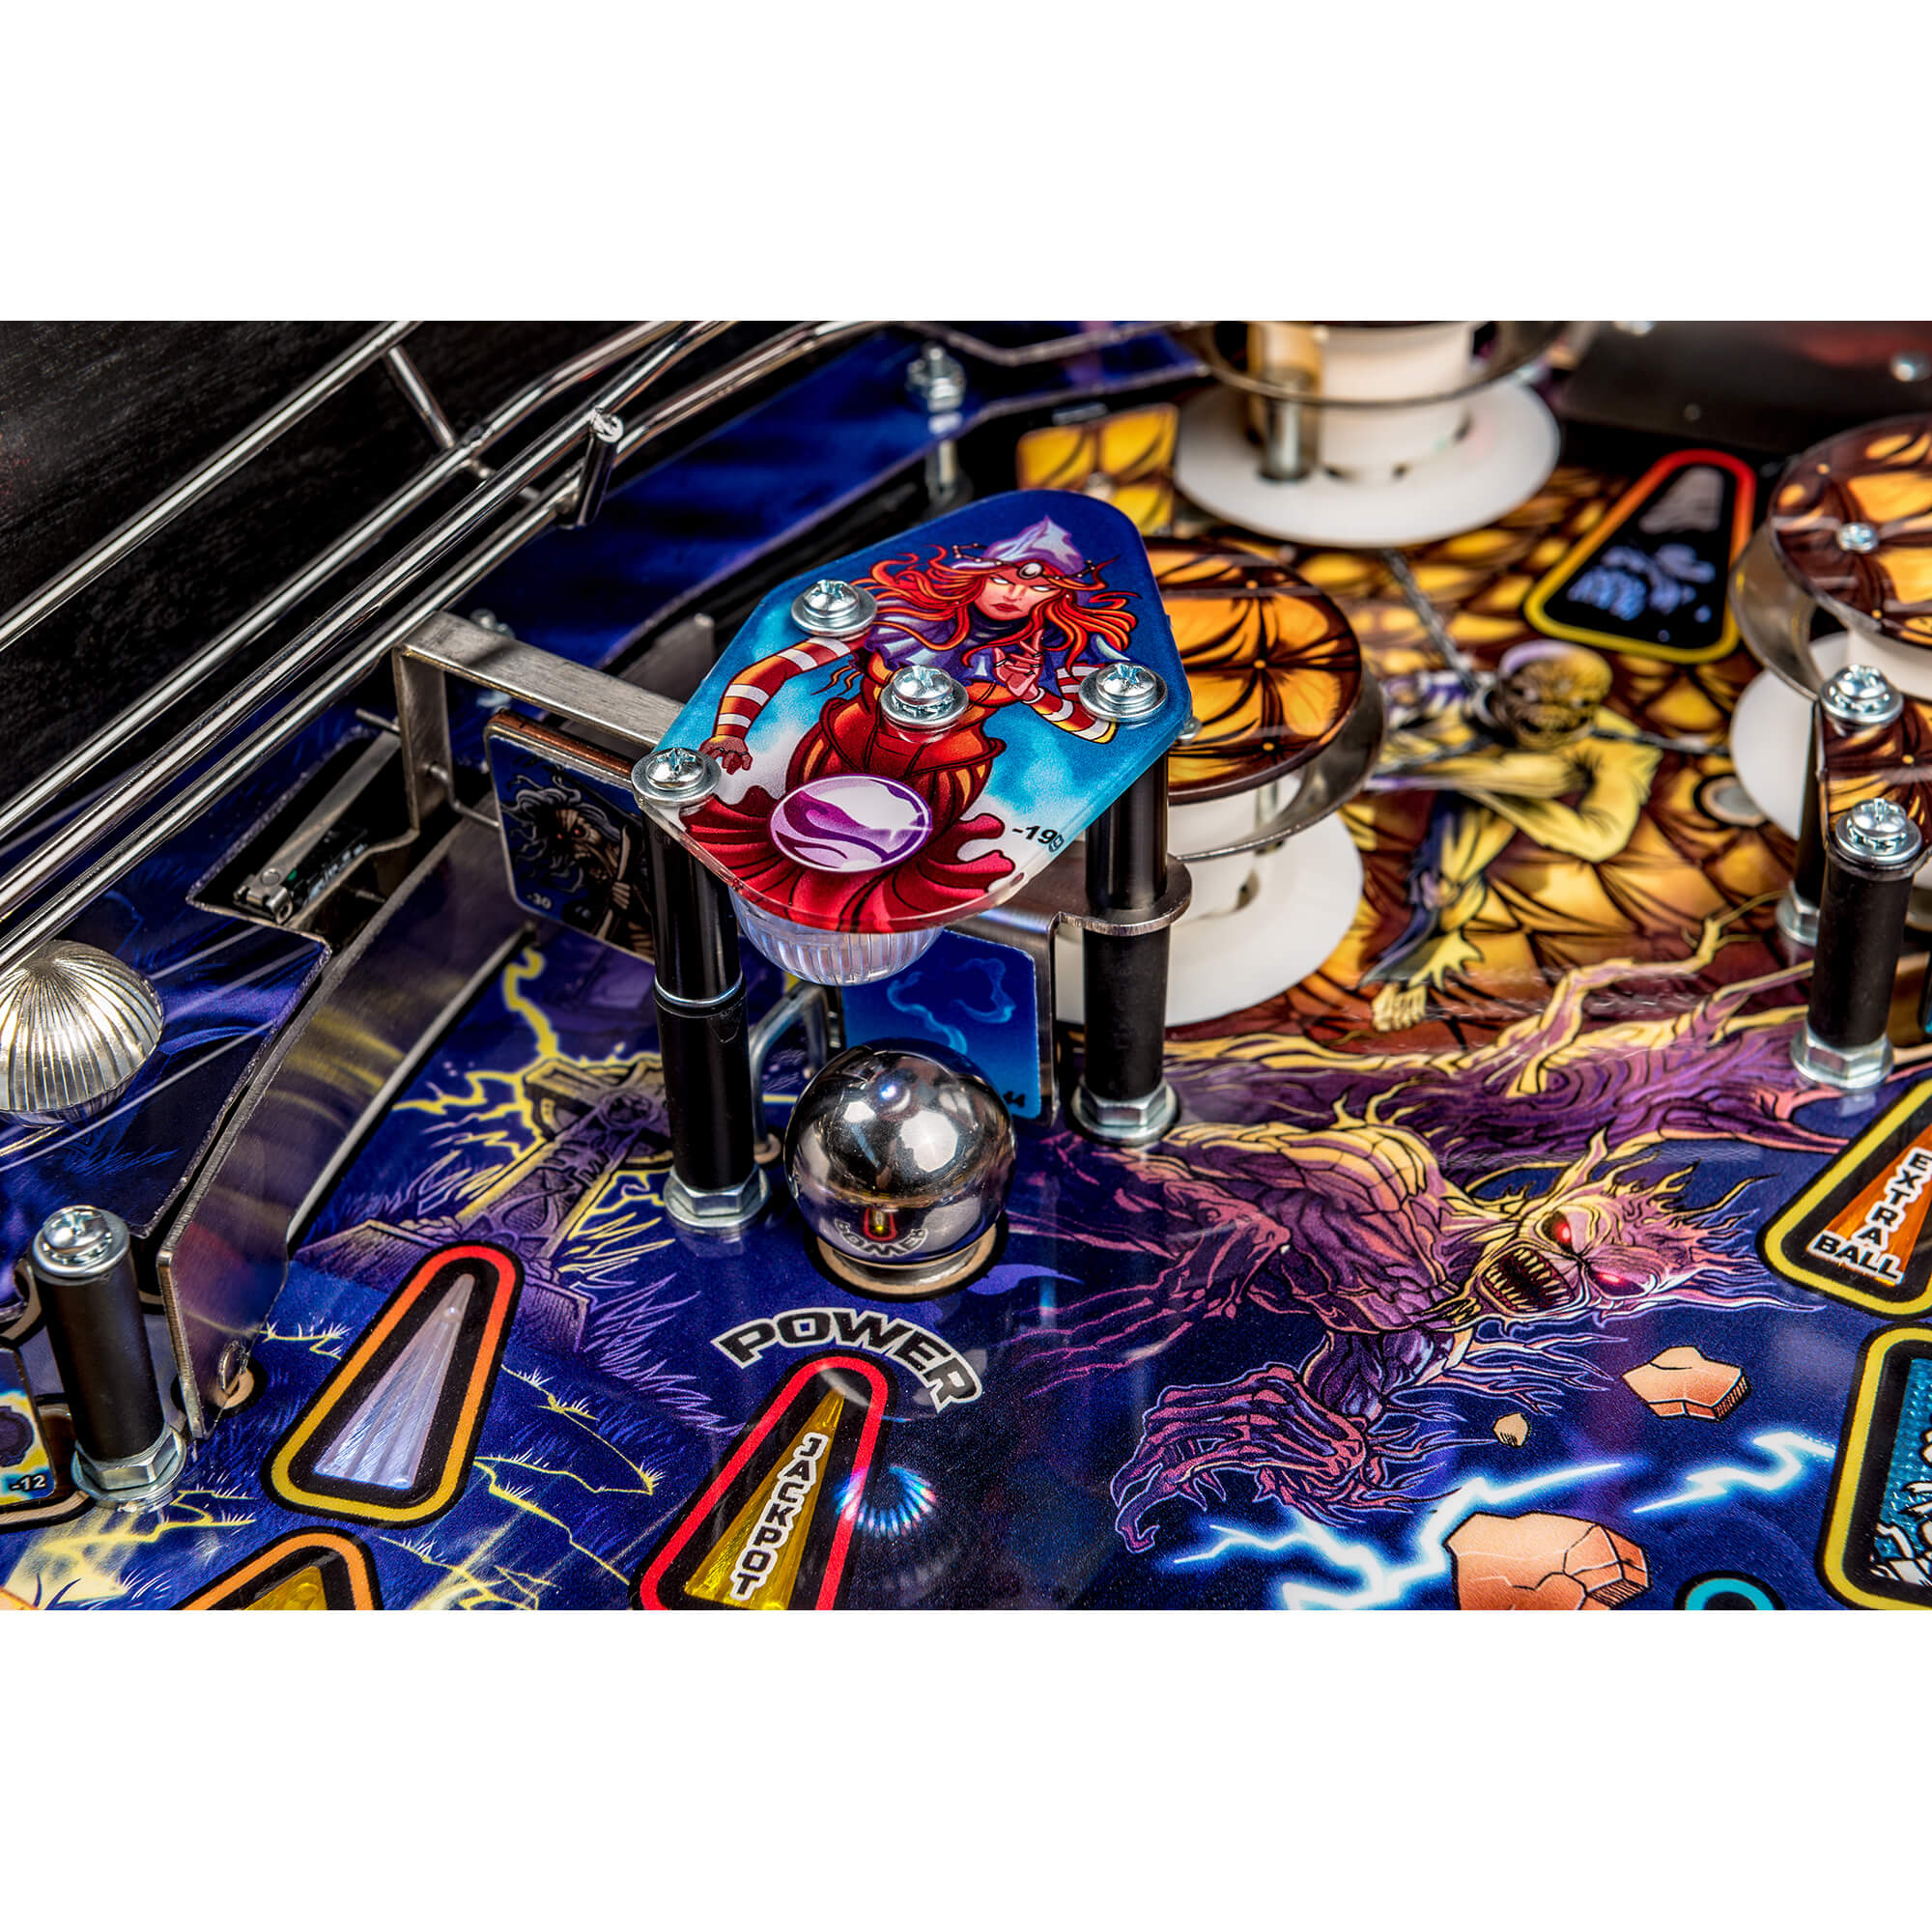 Iron Maiden Premium Pinball Machine by Stern